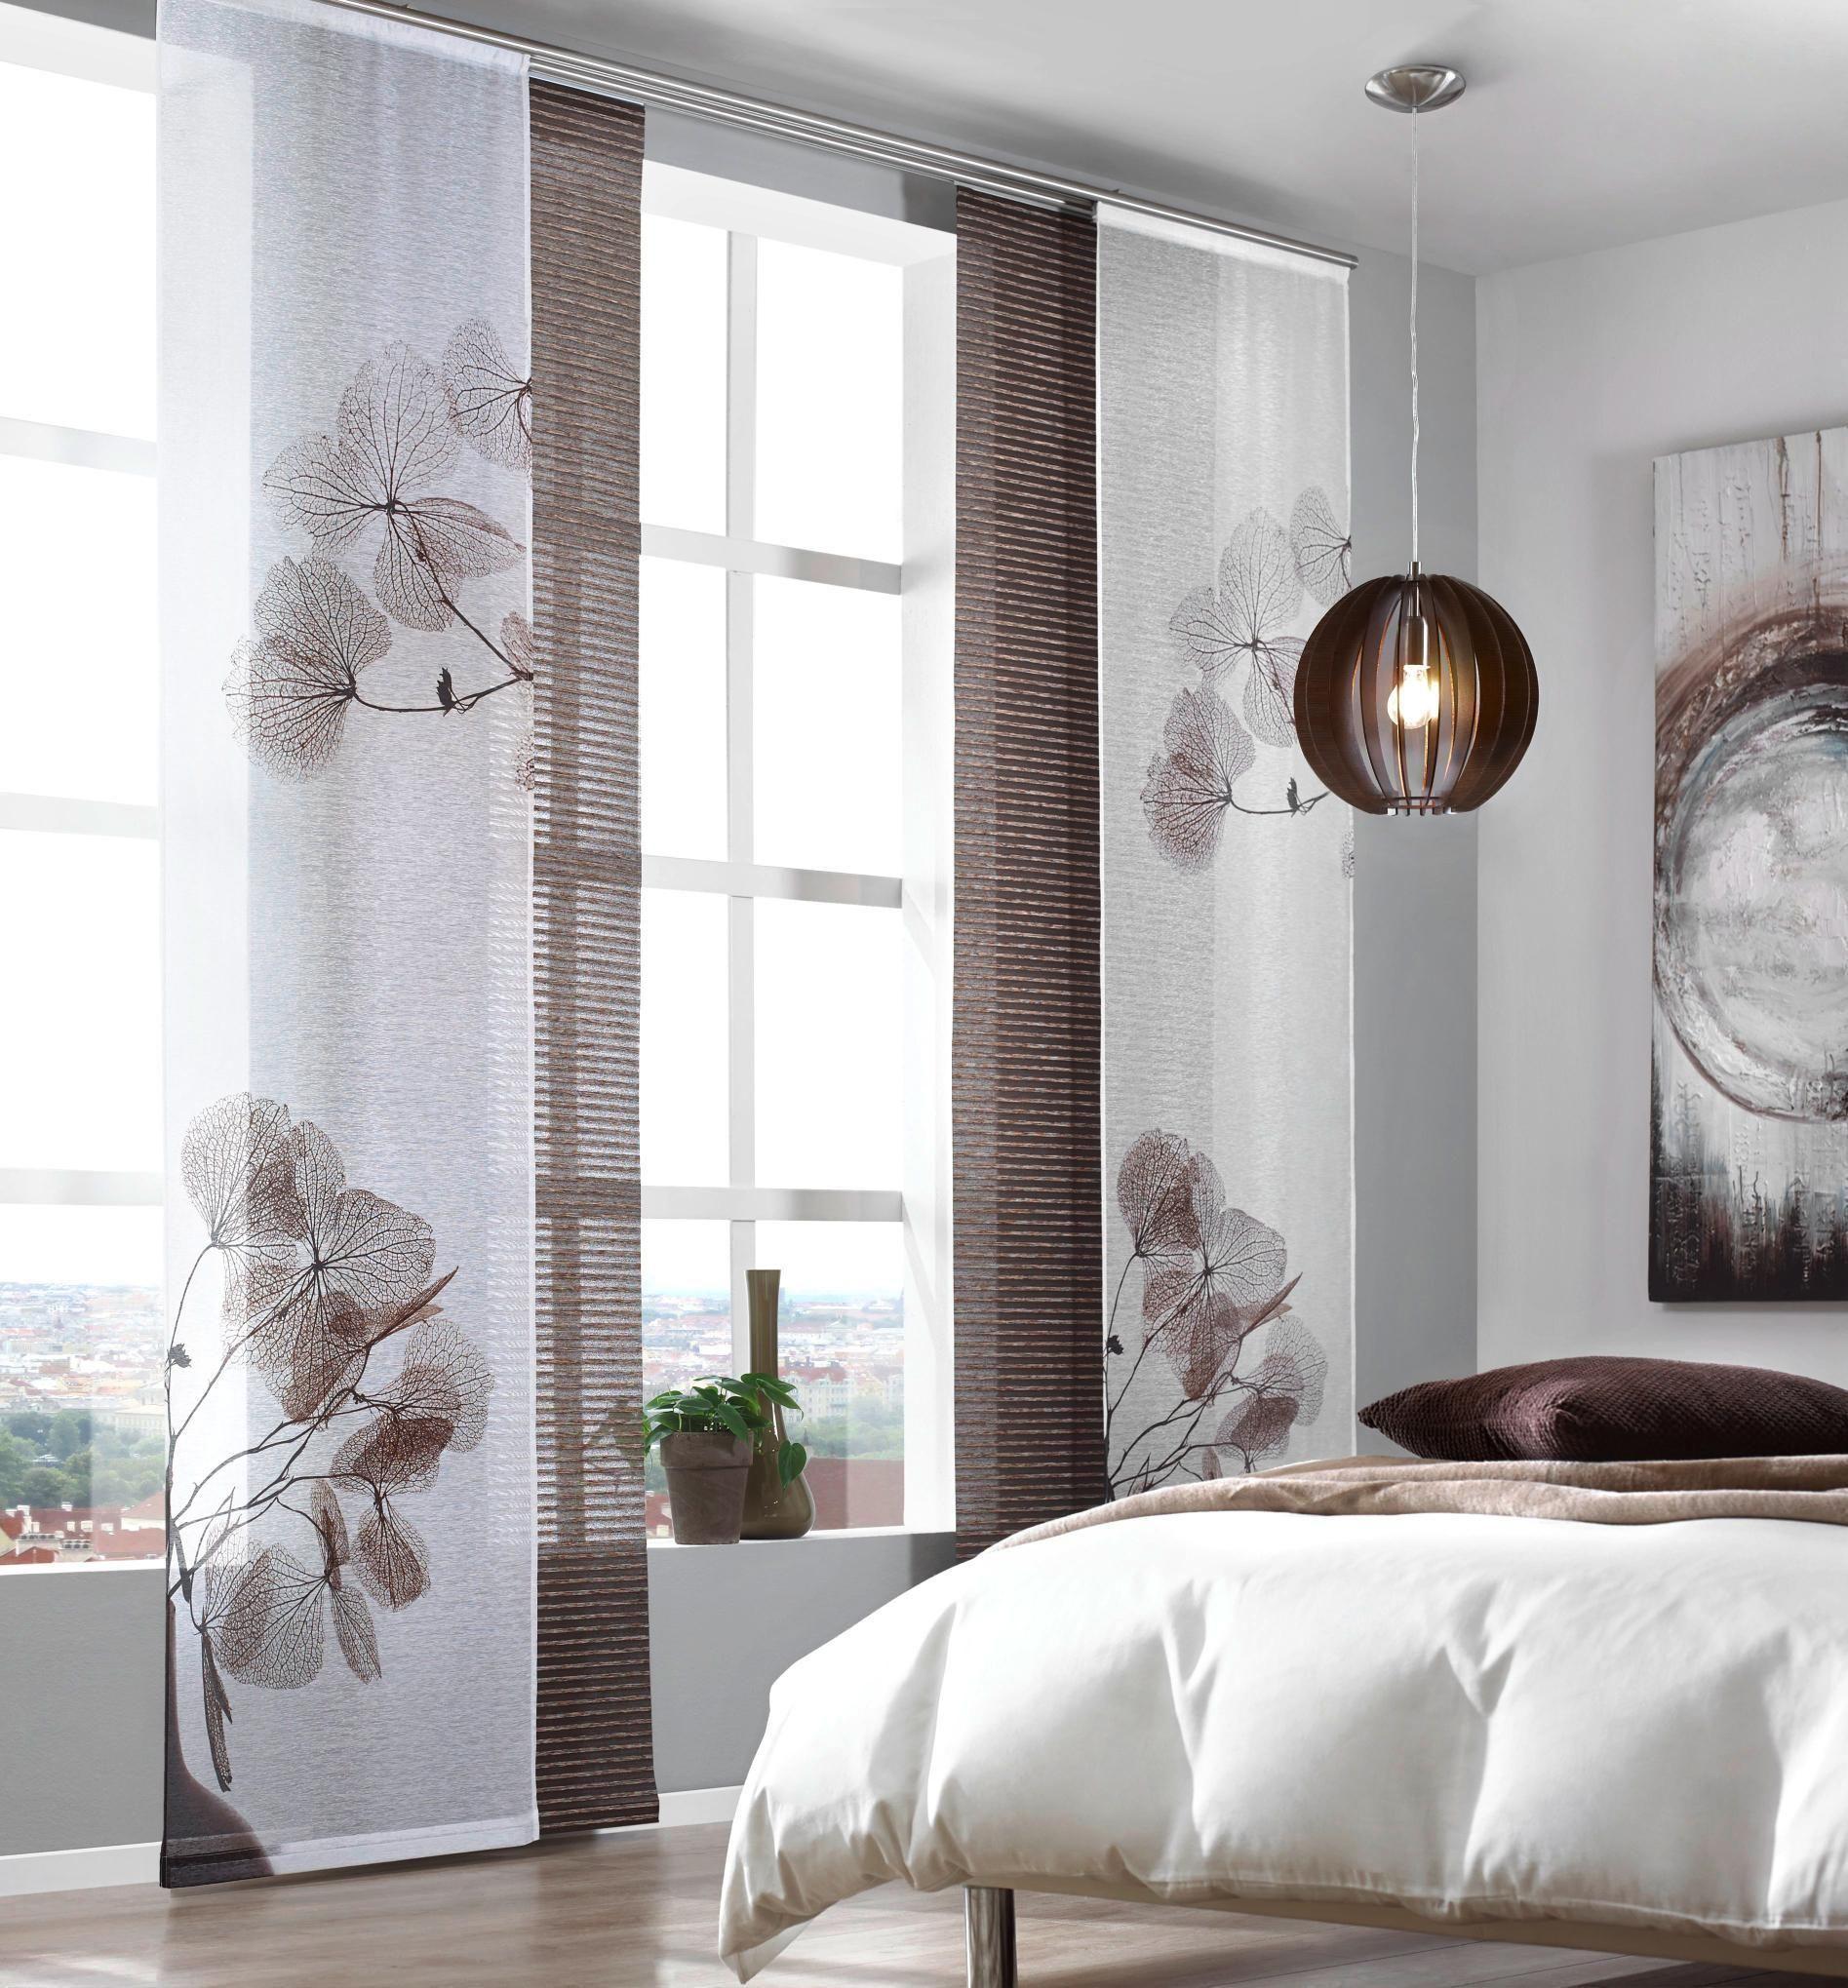 Nice Ideen Schlafzimmer Gardinen Vorhange That You Must Know You